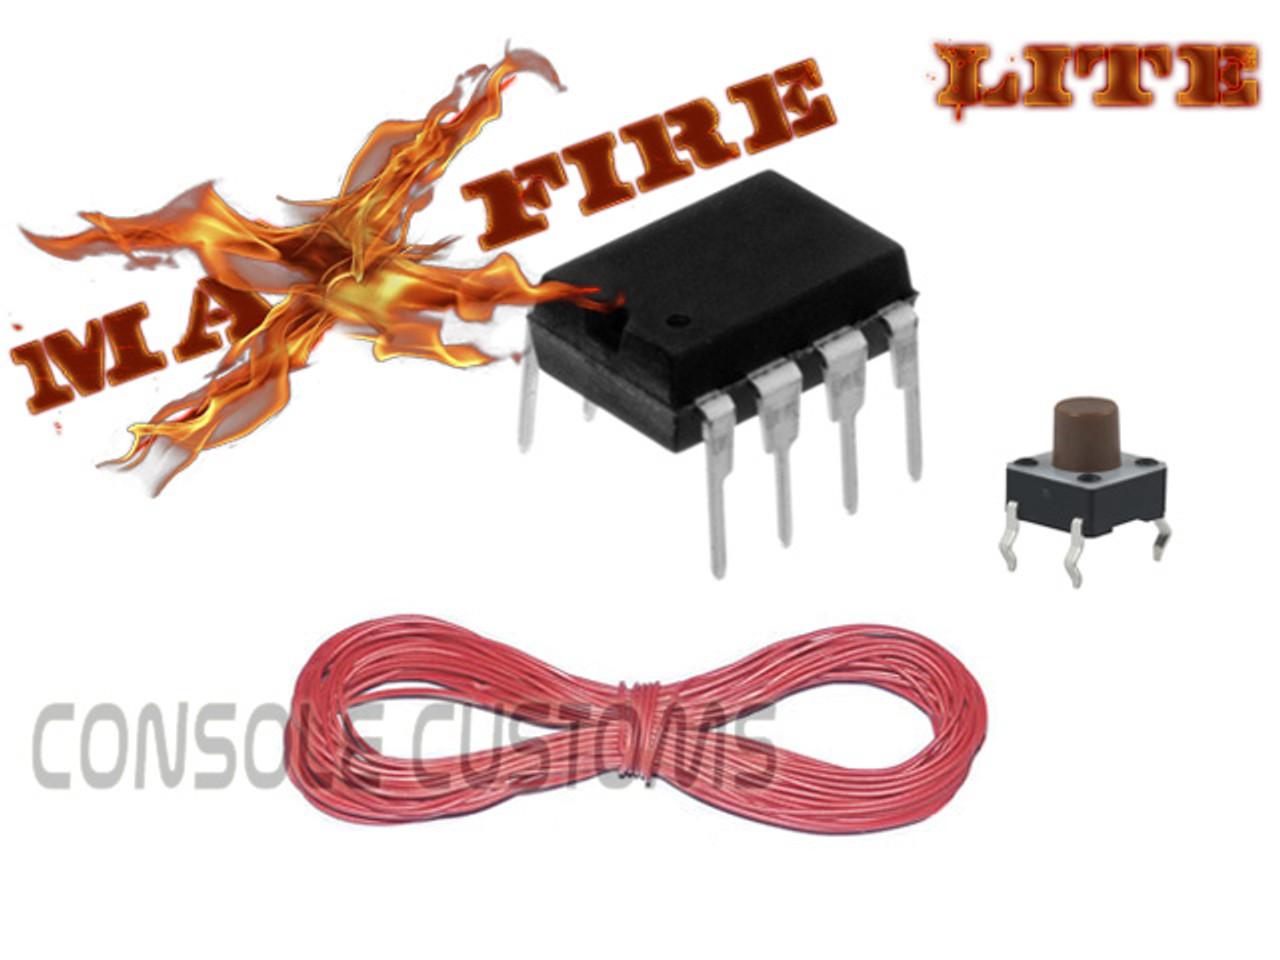 Xbox 360 MaxFire LITE Rapid Fire Mod Kit